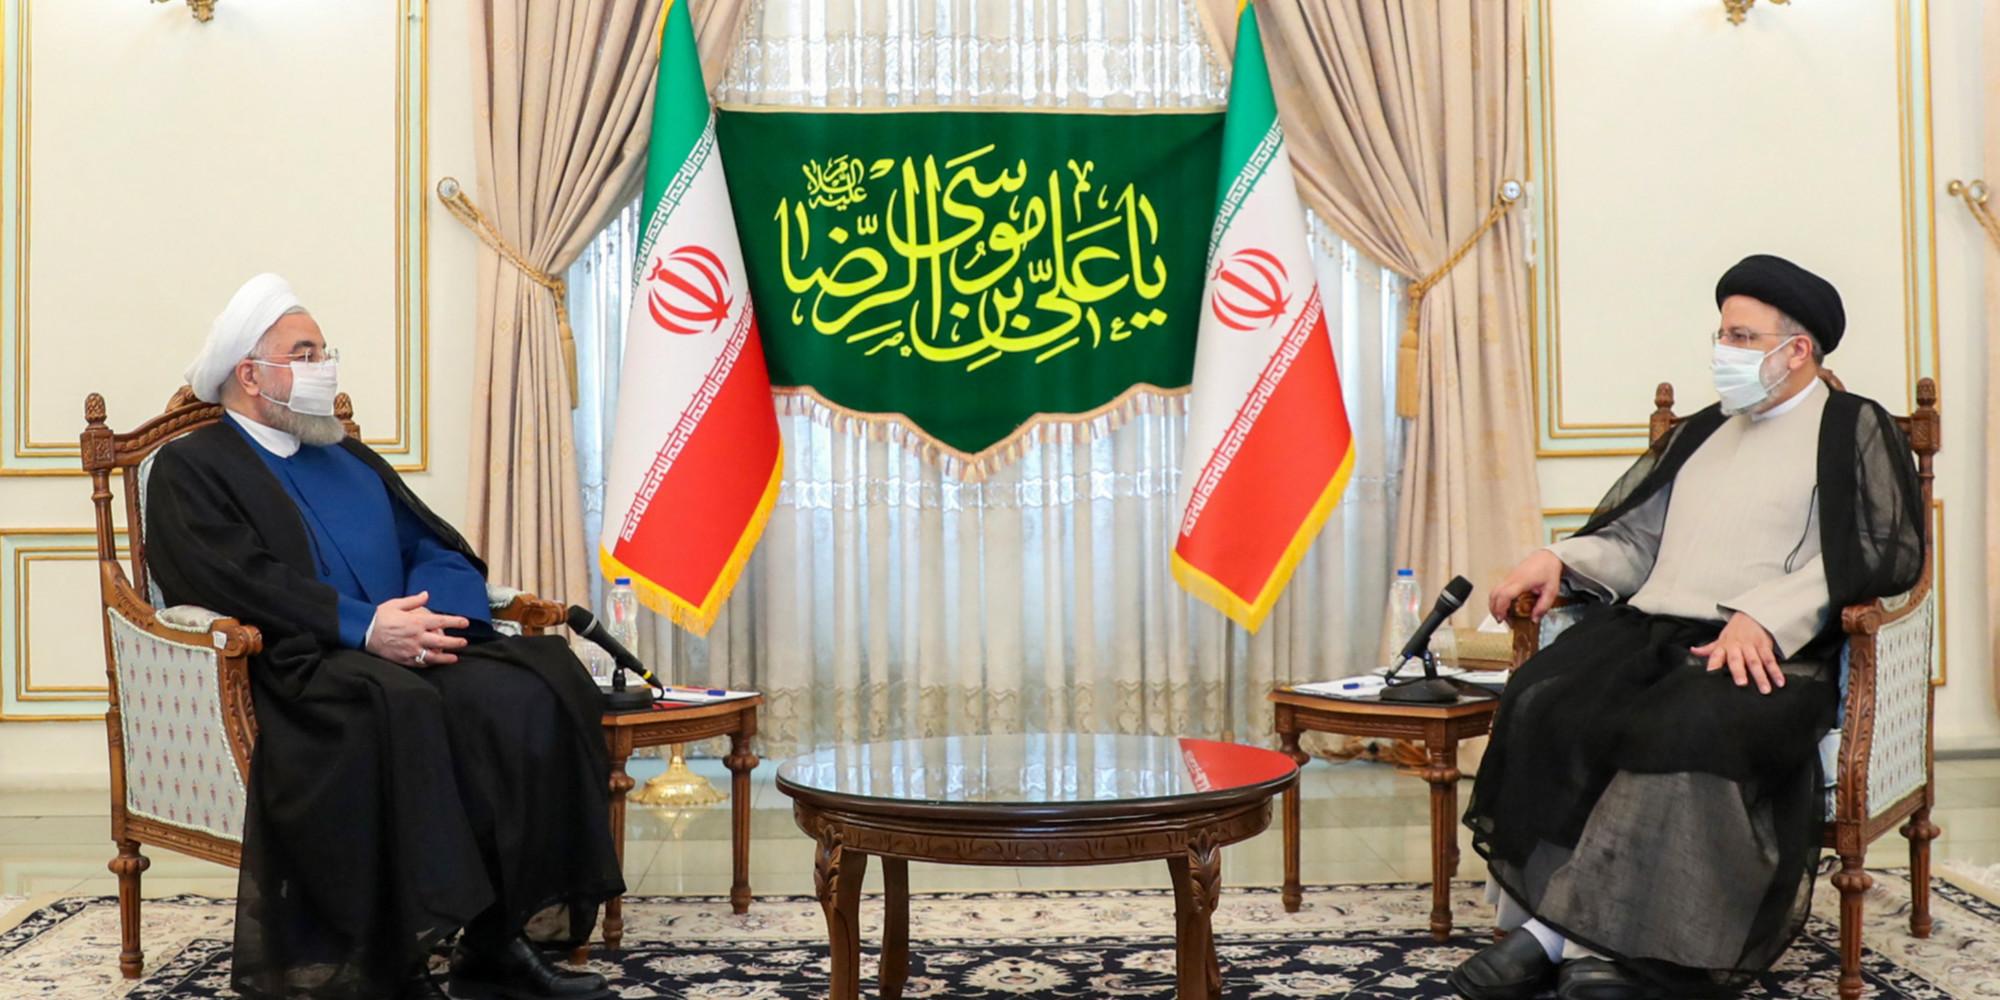 Présidentielle en Iran : l'ultraconservateur Raïssi vainqueur, la participation très basse